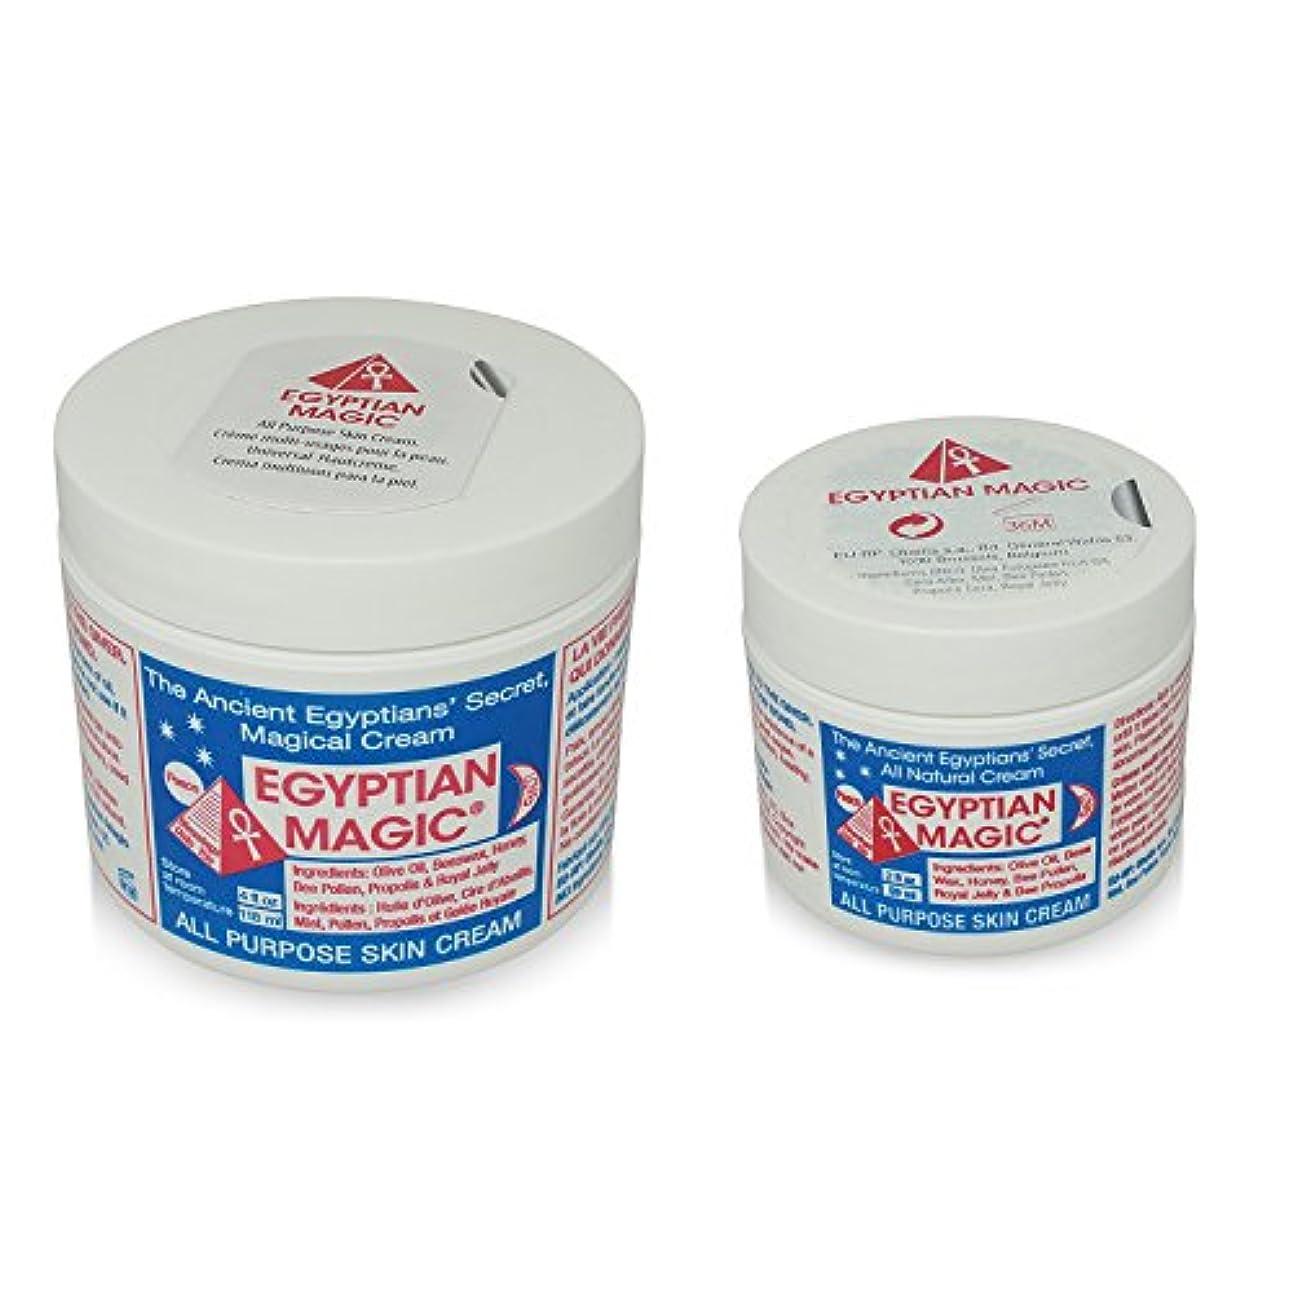 授業料伝記マウントEgyptian Magic Skin Cream エジプシャンマジッククリーム  (118ml)と(59ml)の2個セット